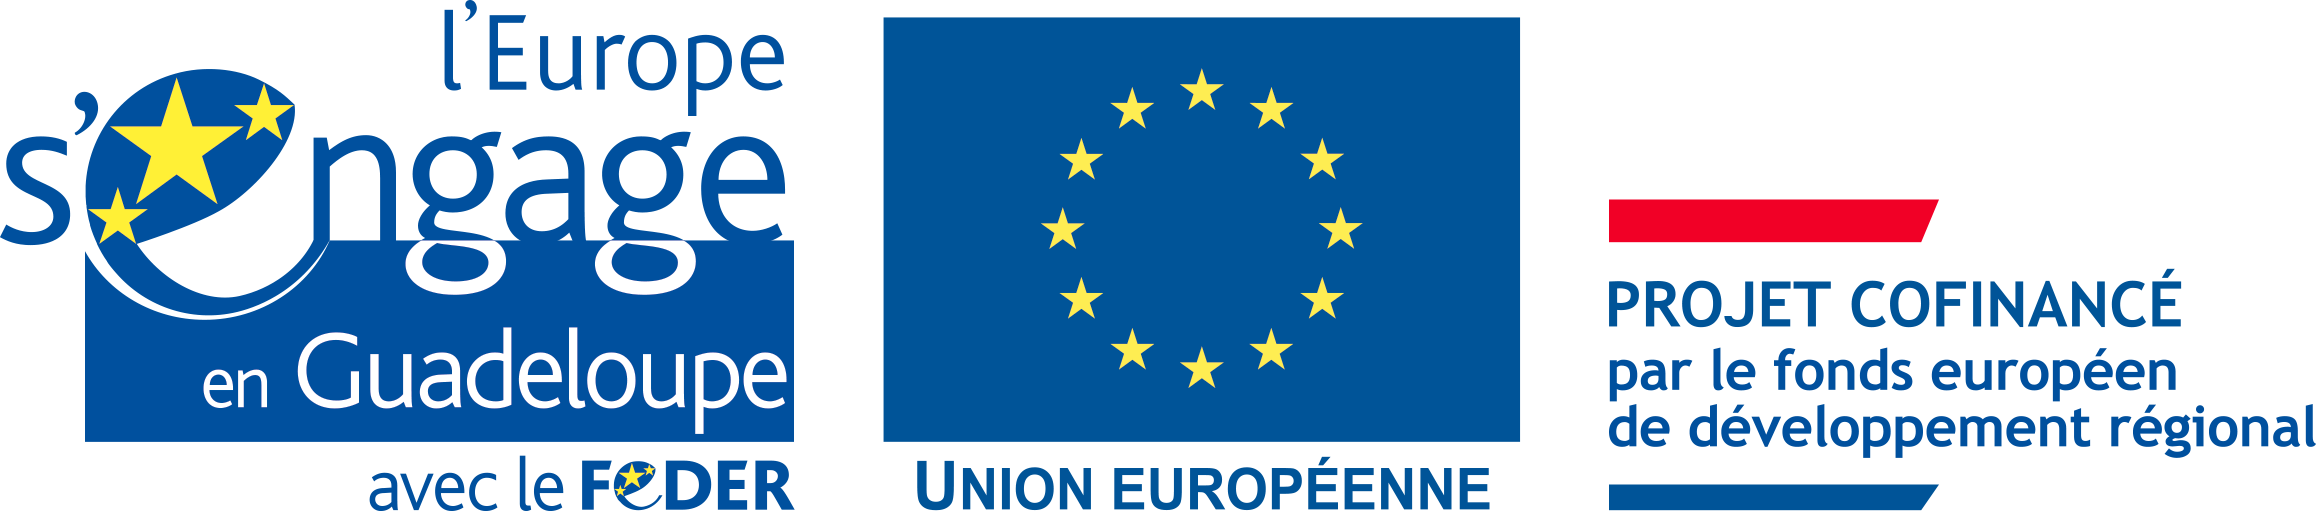 Fonds européen de développement régional (FEDER).